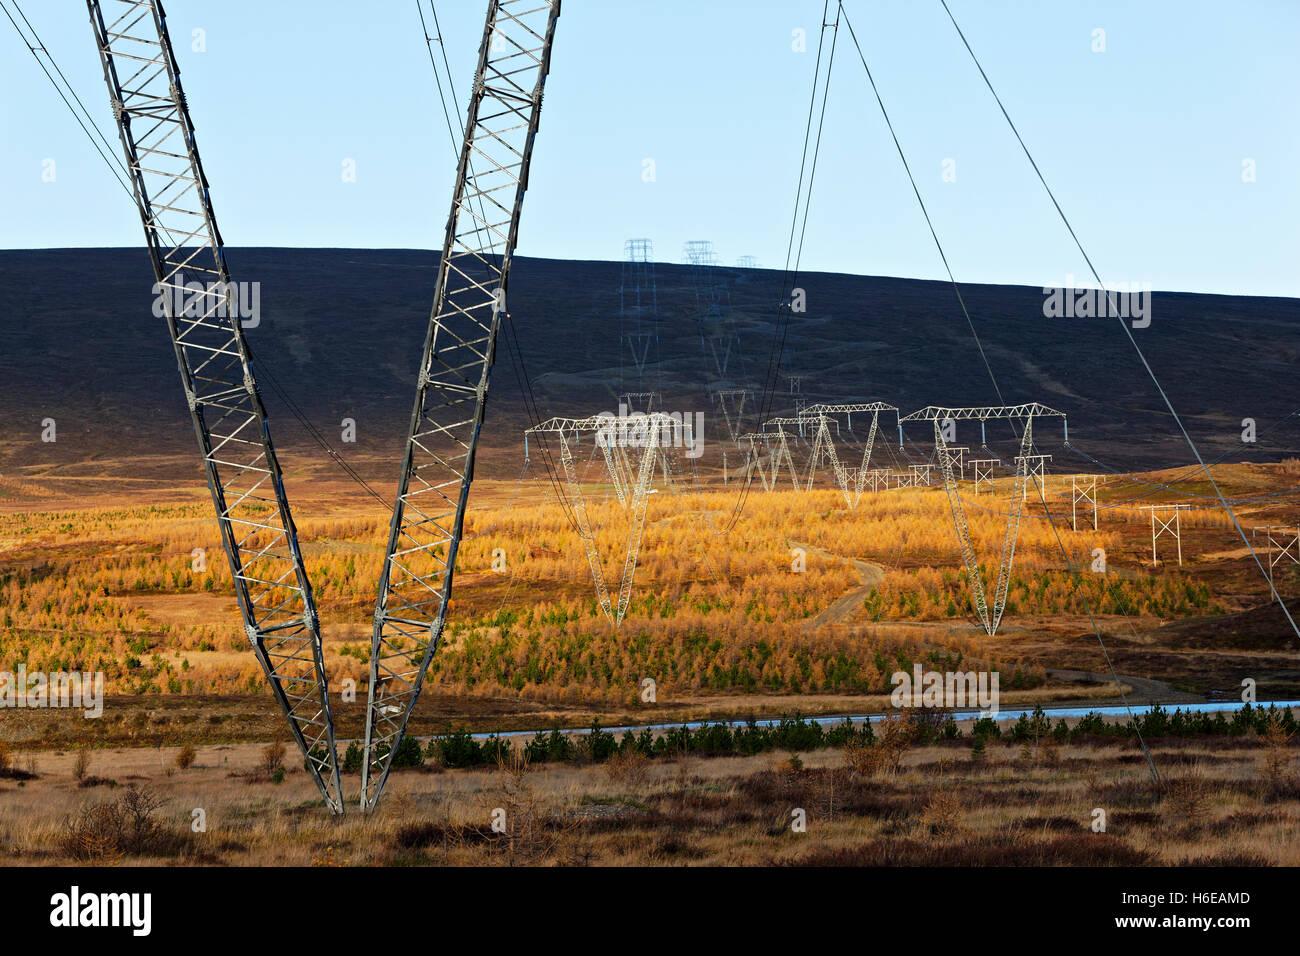 Líneas eléctricas de alta tensión en el paisaje, el este de Islandia, en el Atlántico Norte, Imagen De Stock